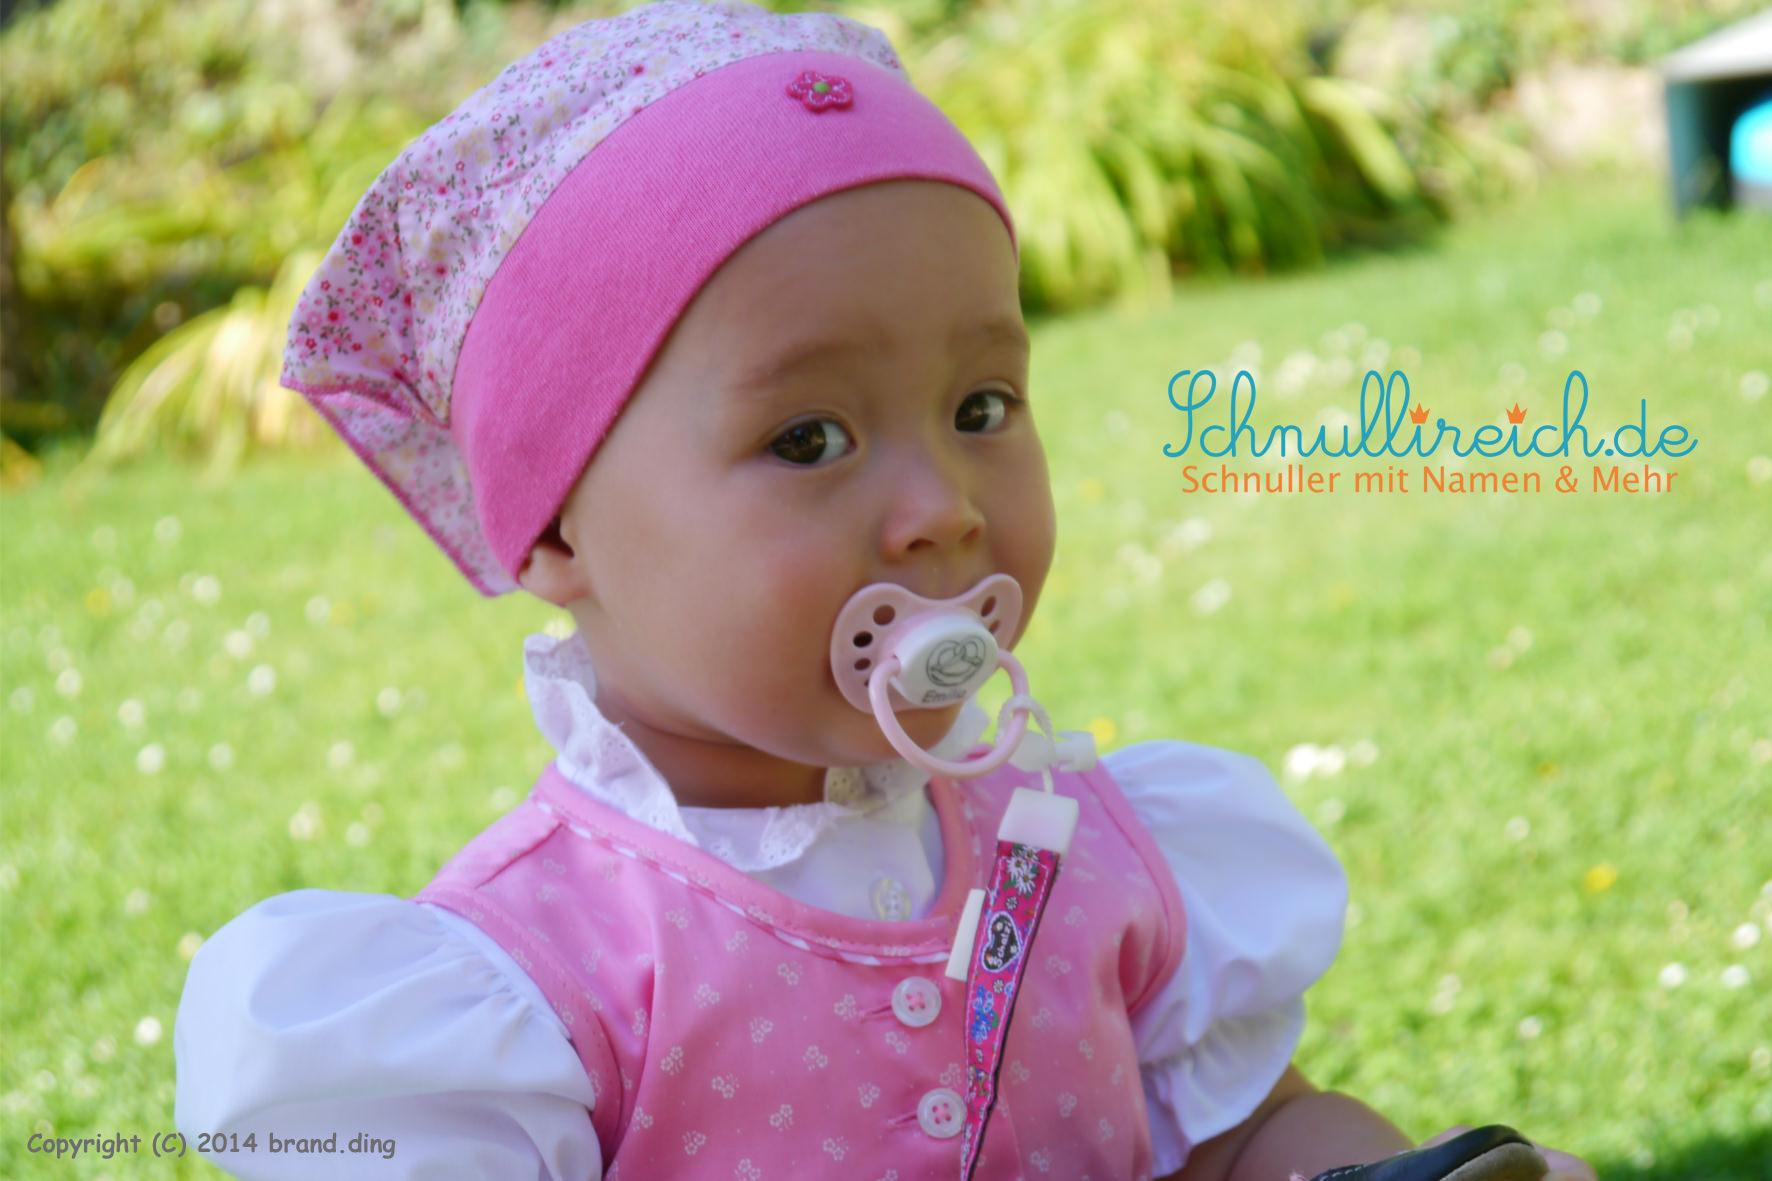 Wiesn-Wasen Baby mit Schnullerband und Schnuller mit Namen